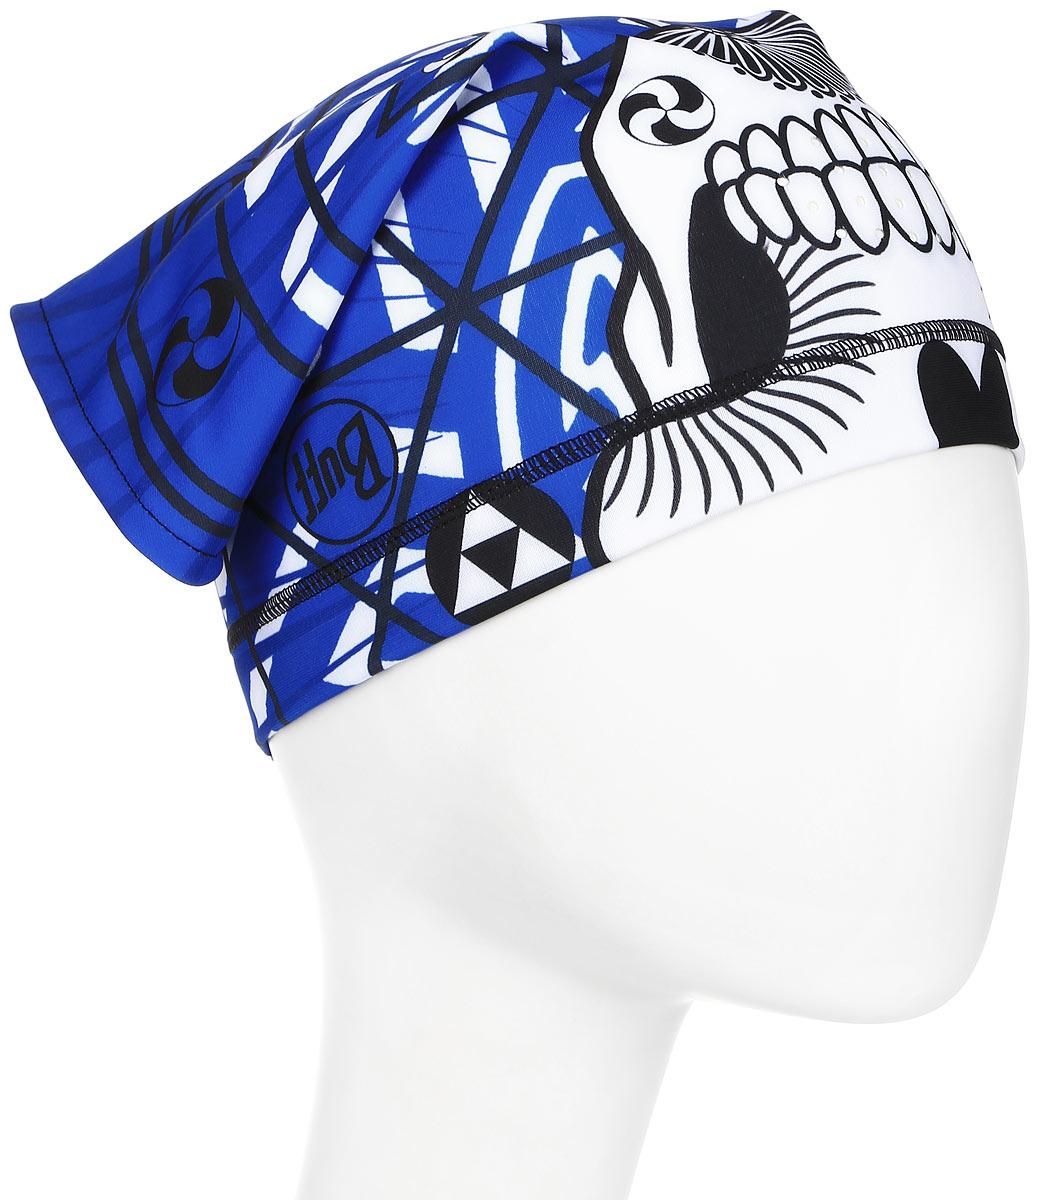 Бандана Buff Tech Fleece, цвет: синий. 113378.707.10.00. Размер универсальный113378.707.10.00Эту бандану можно носить на шее или на лице, закрывая рот, нос в ветреные дни. Треугольный двойной слой флиса и микрофибры делает его удобным и единственным в своем роде.